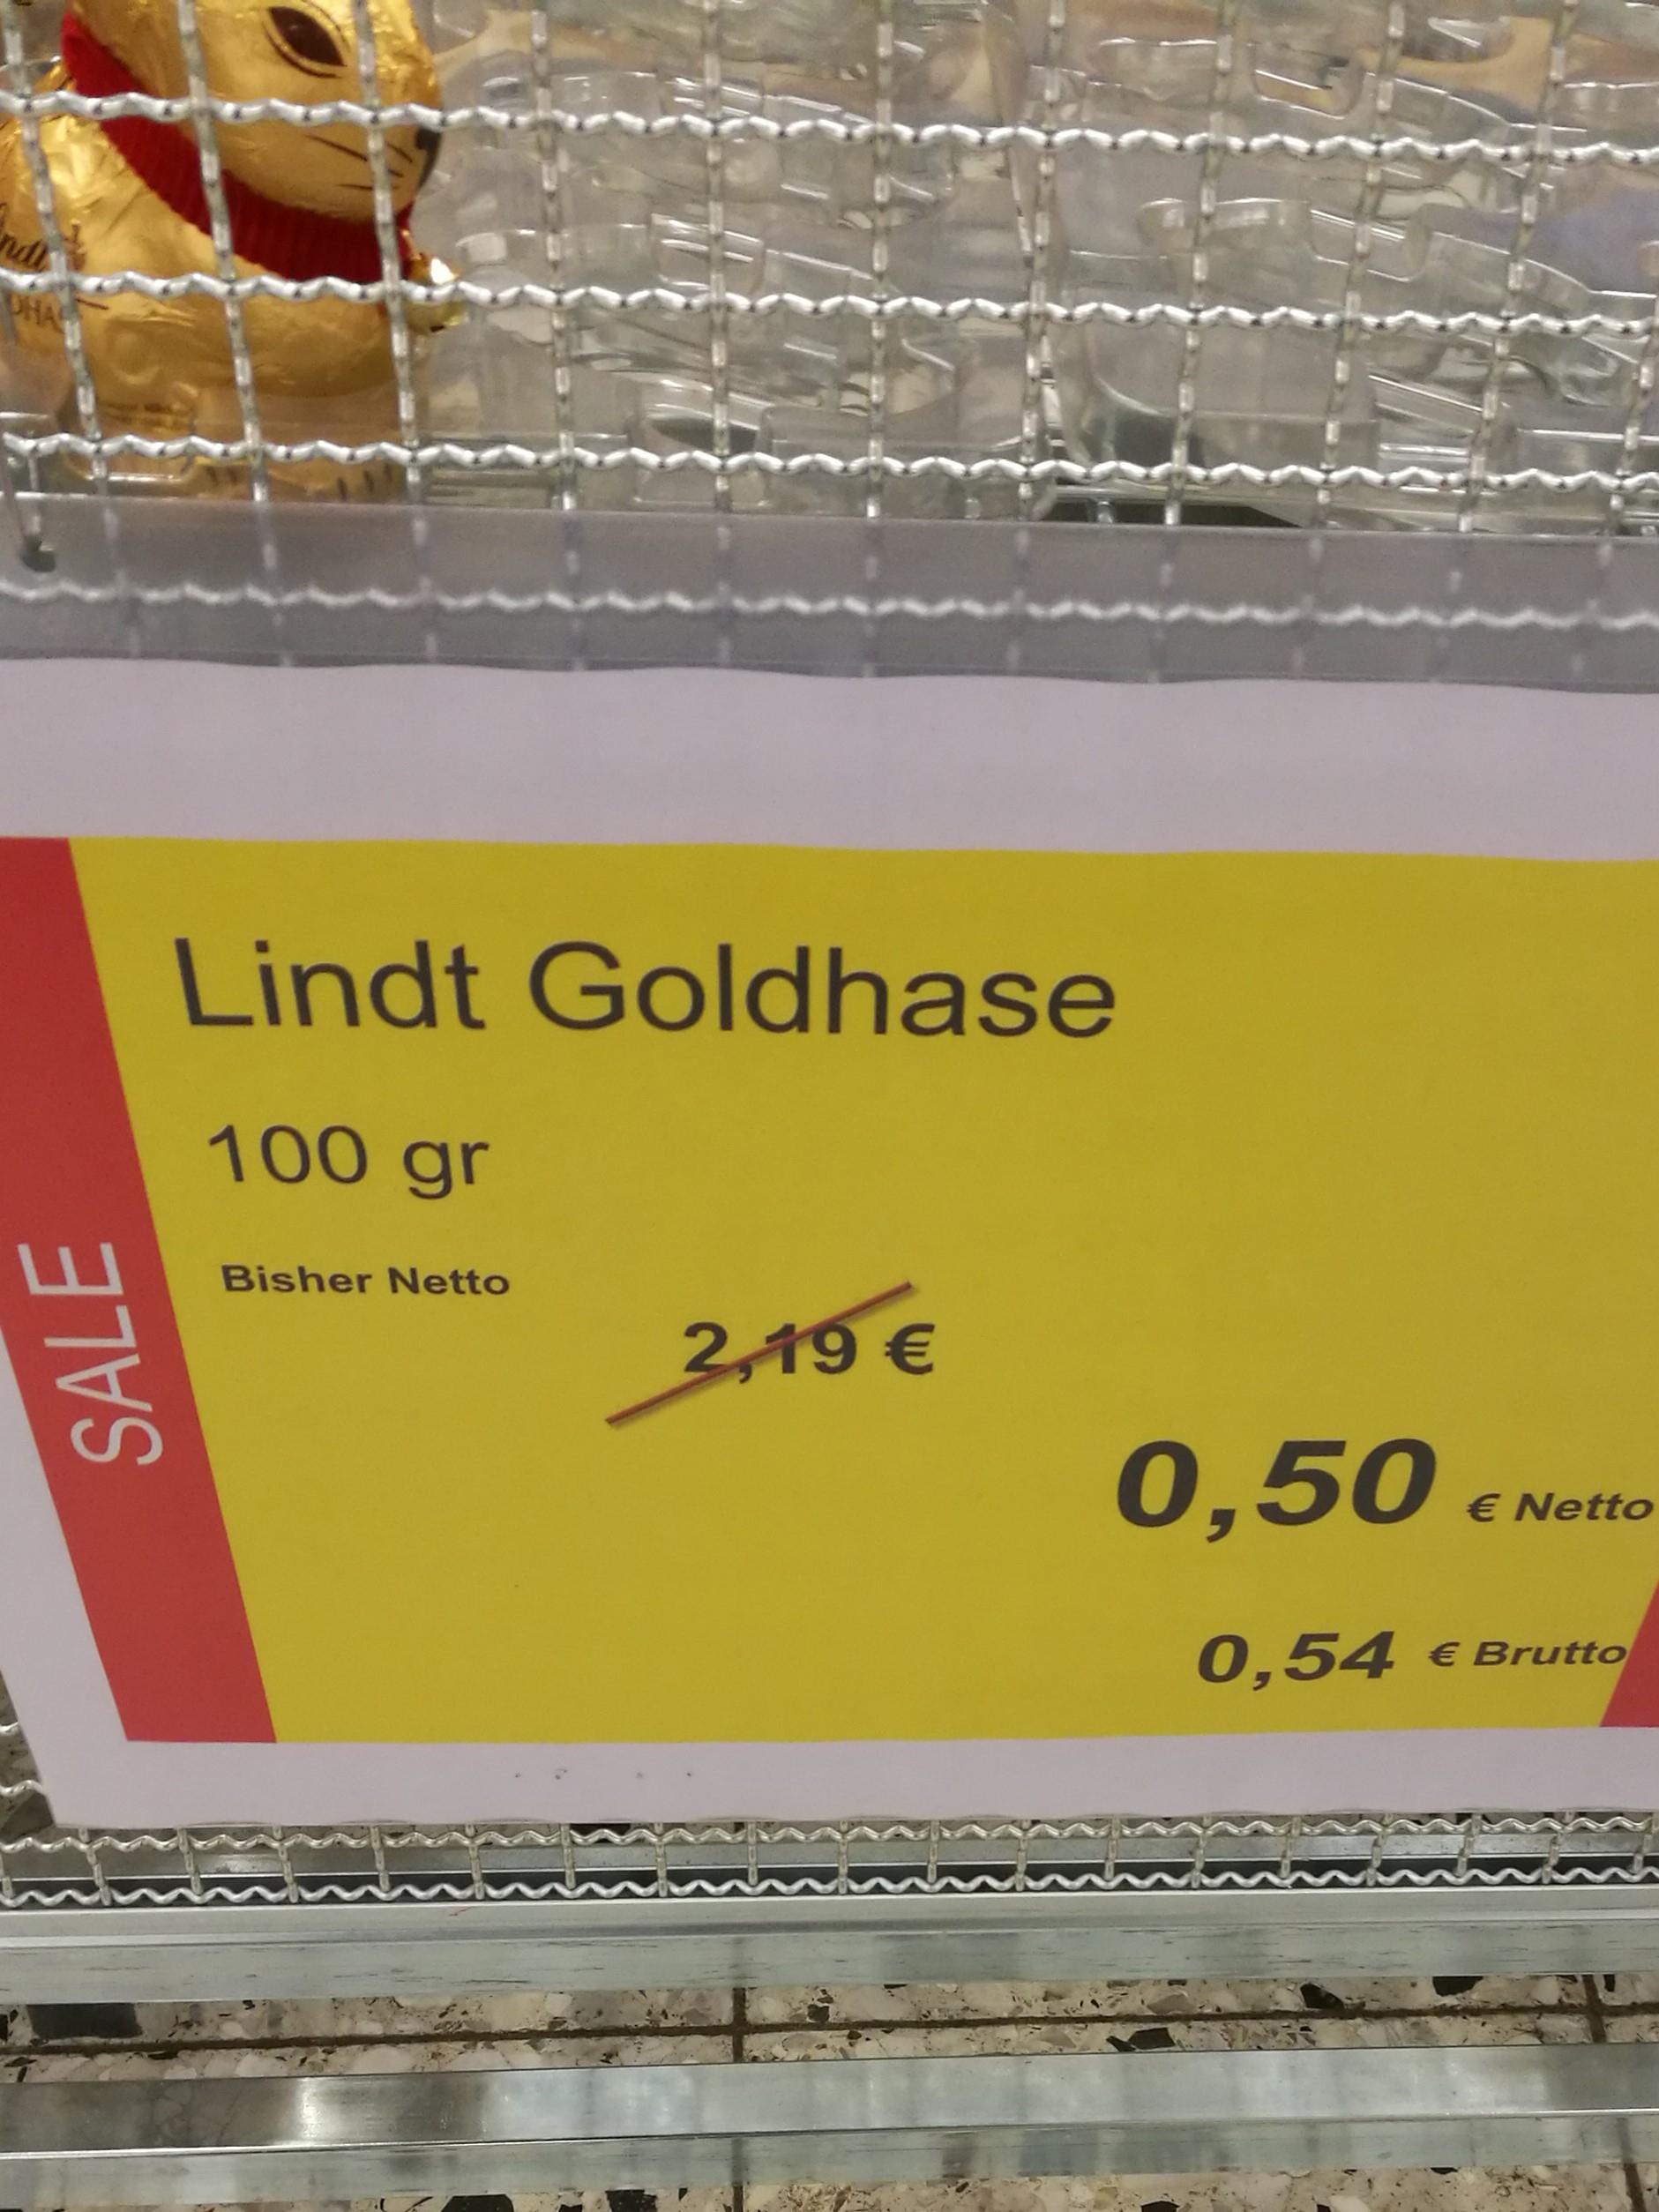 [METRO] - Lindt Goldhasen 100g für 0,54€ und 50g für 0,34€ uvm. #REGIONAL Saarbrücken(auch andere)